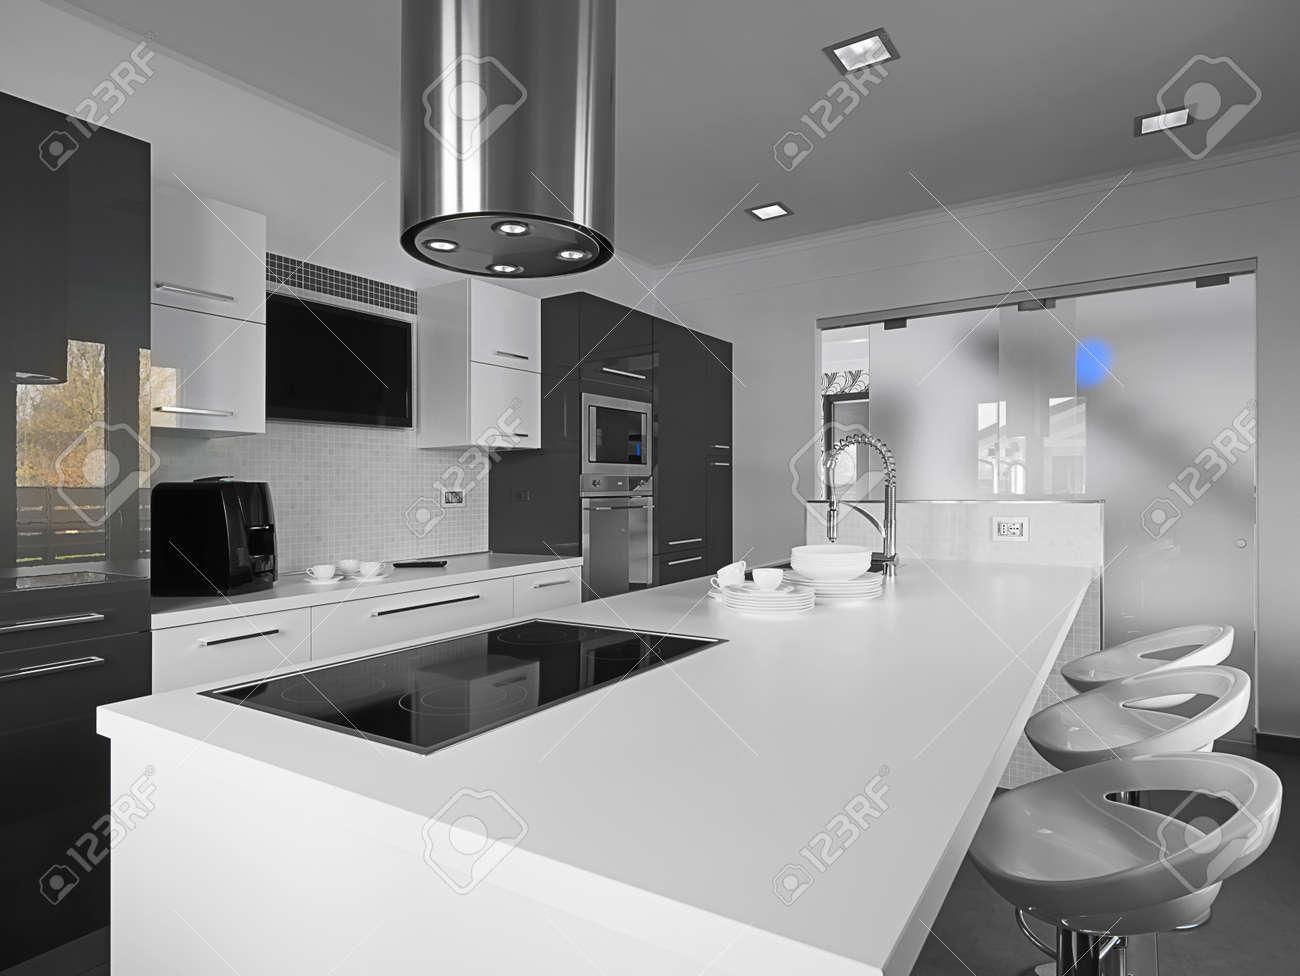 awesome cuisine moderne avec carrelage gris et mur blanc banque with salon avec carrelage gris - Salon Avec Carrelage Blanc